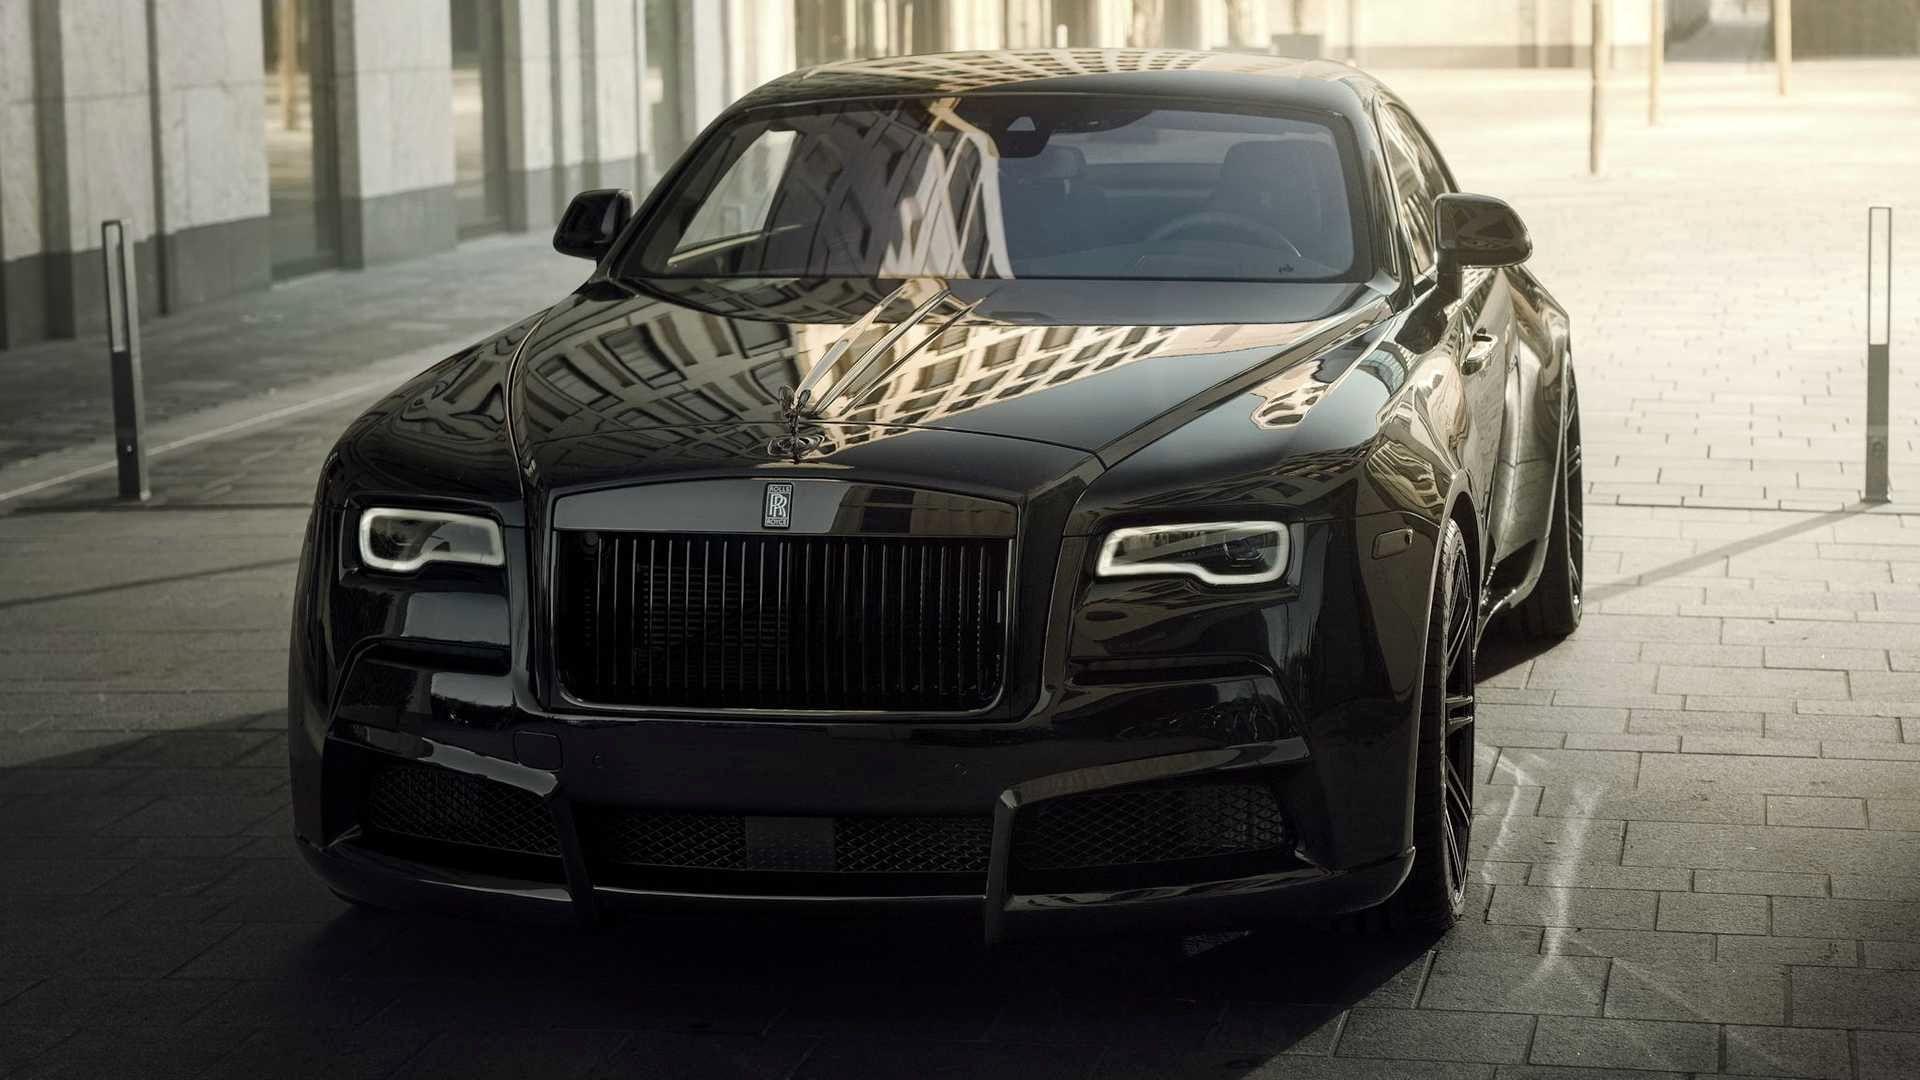 تیونینگ ظاهری رولزرویس Black Badge Wraith با کیت بدنه پهن پیکر و ۷۰۰ اسب بخار + تصاویر